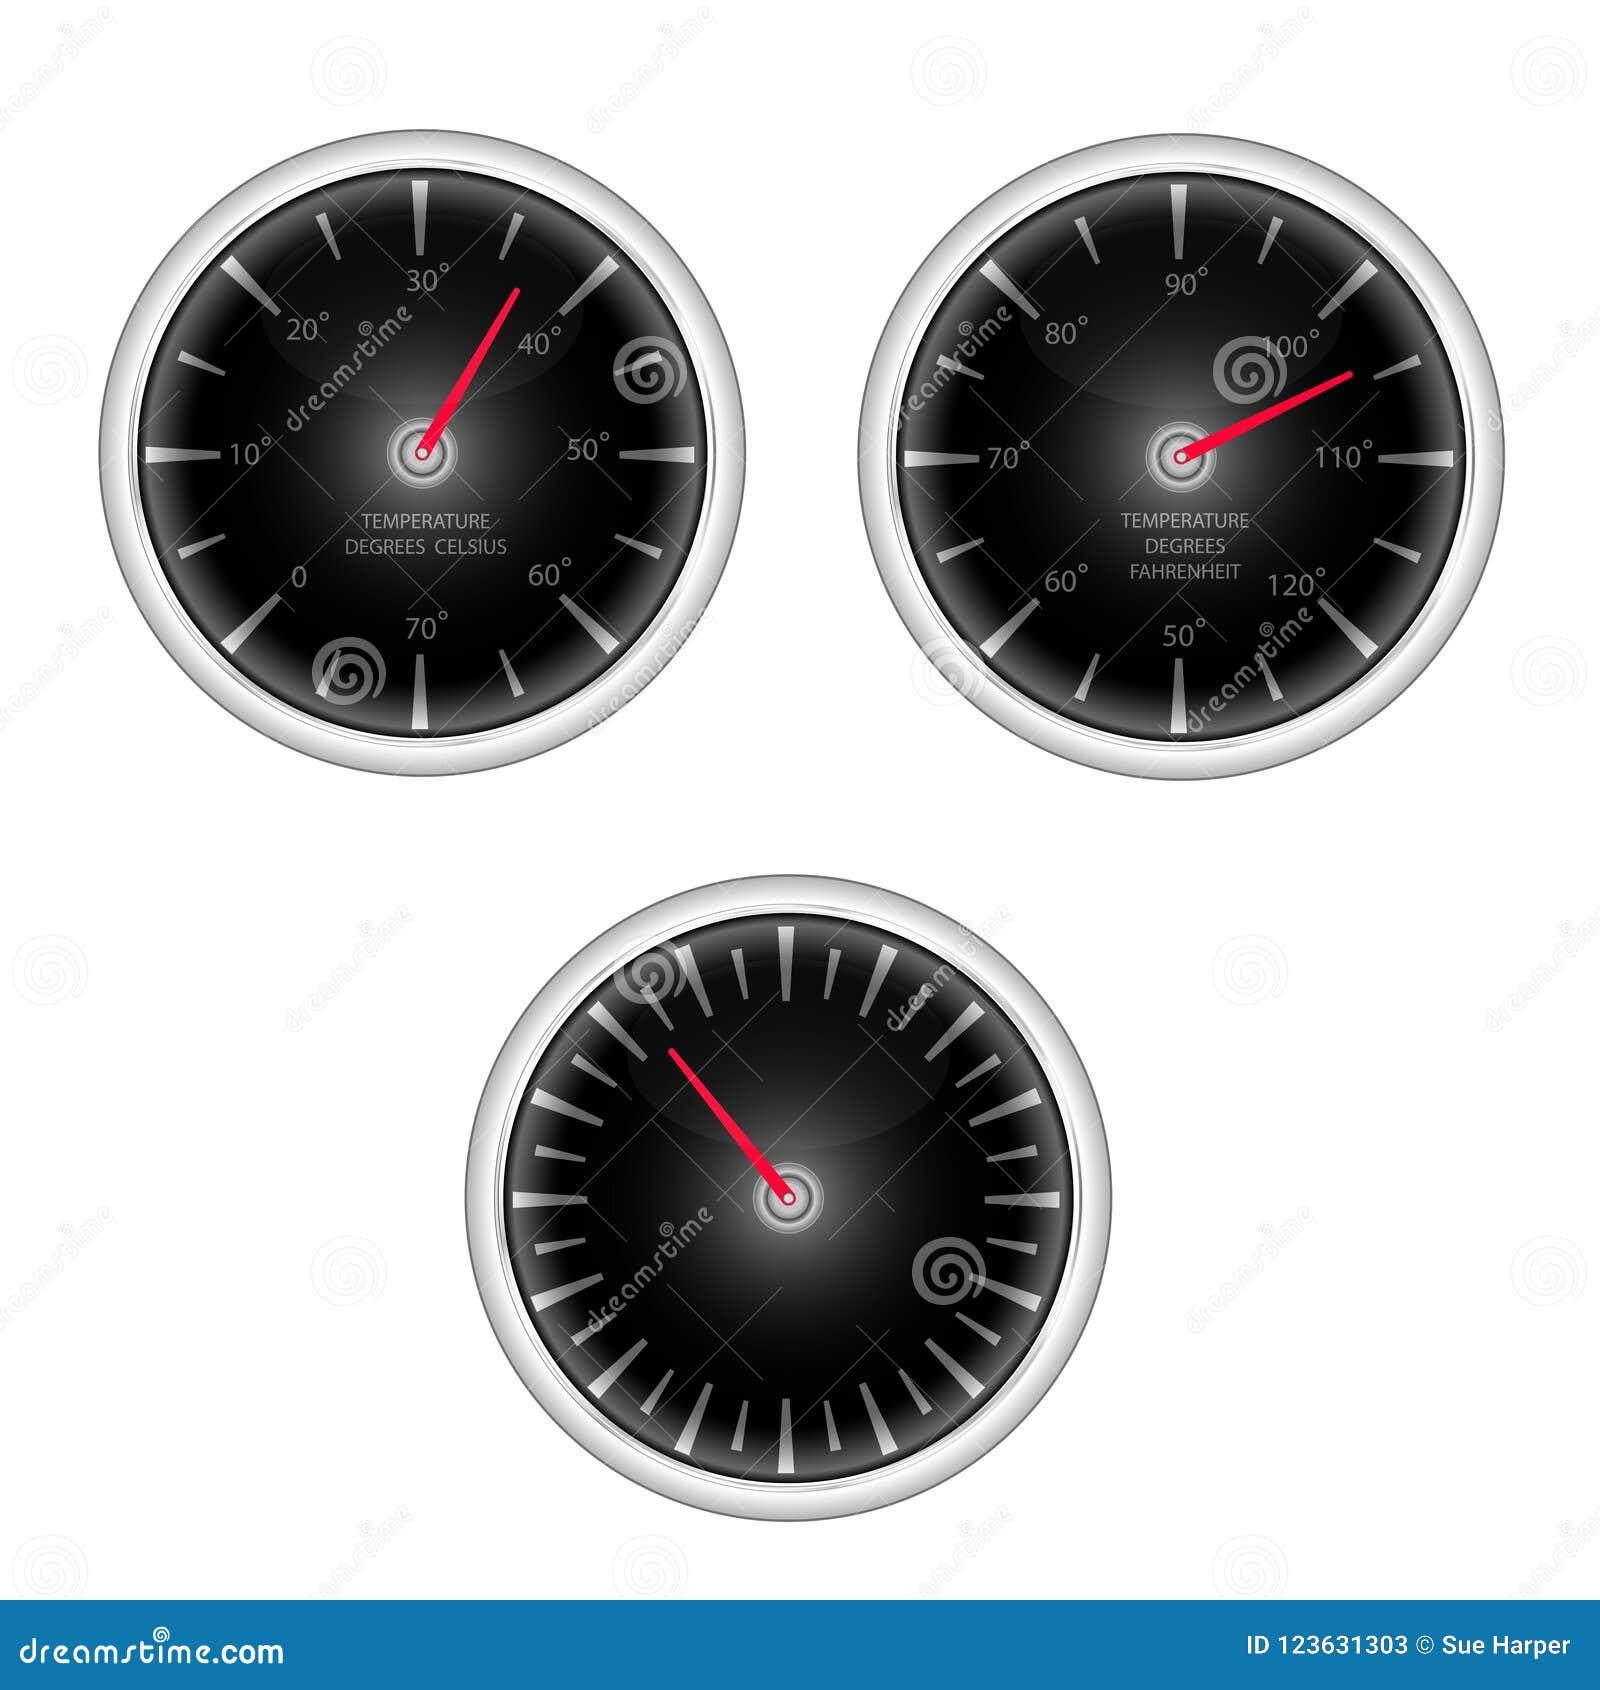 la temperatura normal del cuerpo humano en grados fahrenheit